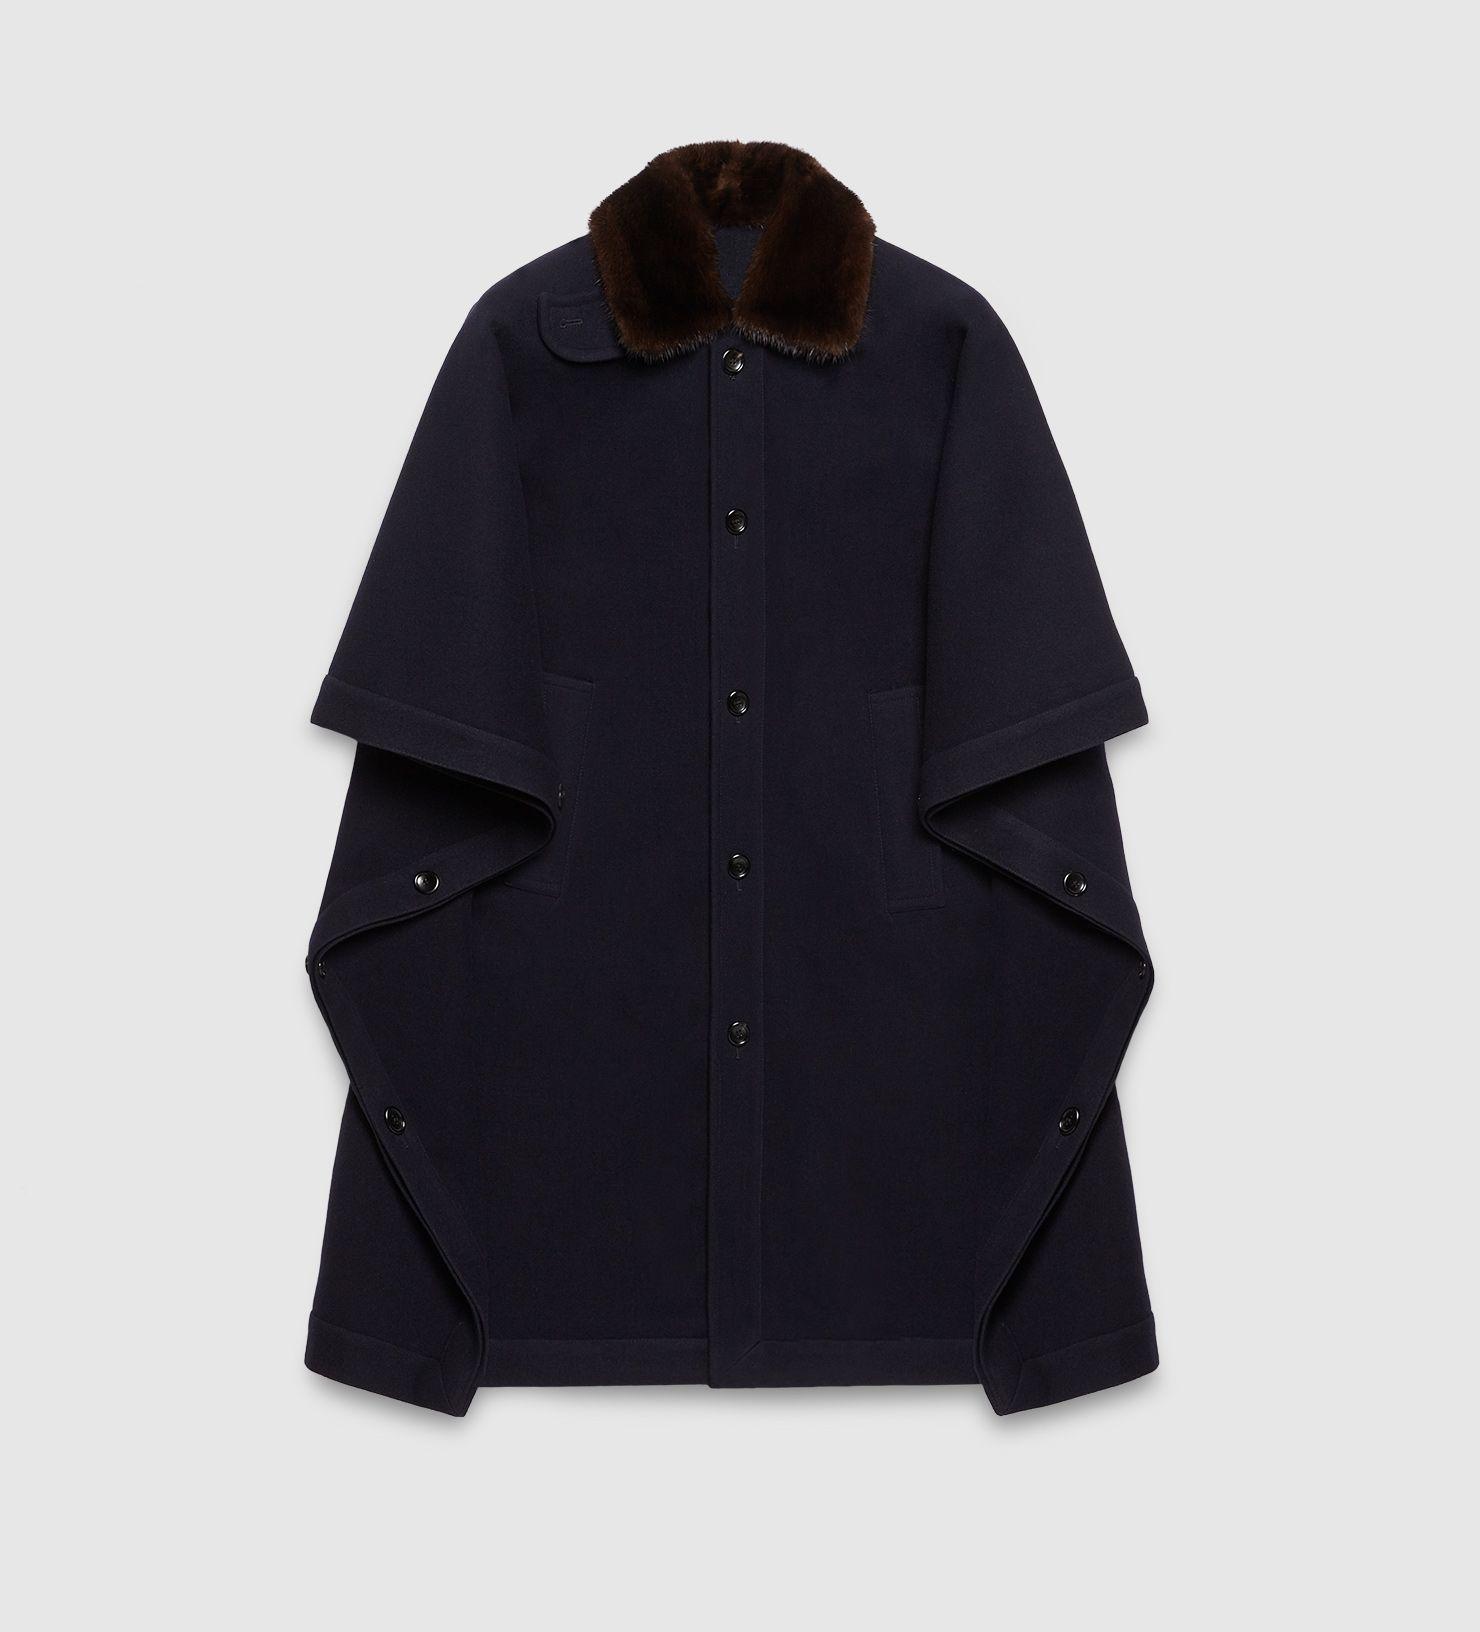 e4ede88c3 I need this Gucci cape!   Men's Autumn/Winter Fashion 2015 in 2019 ...